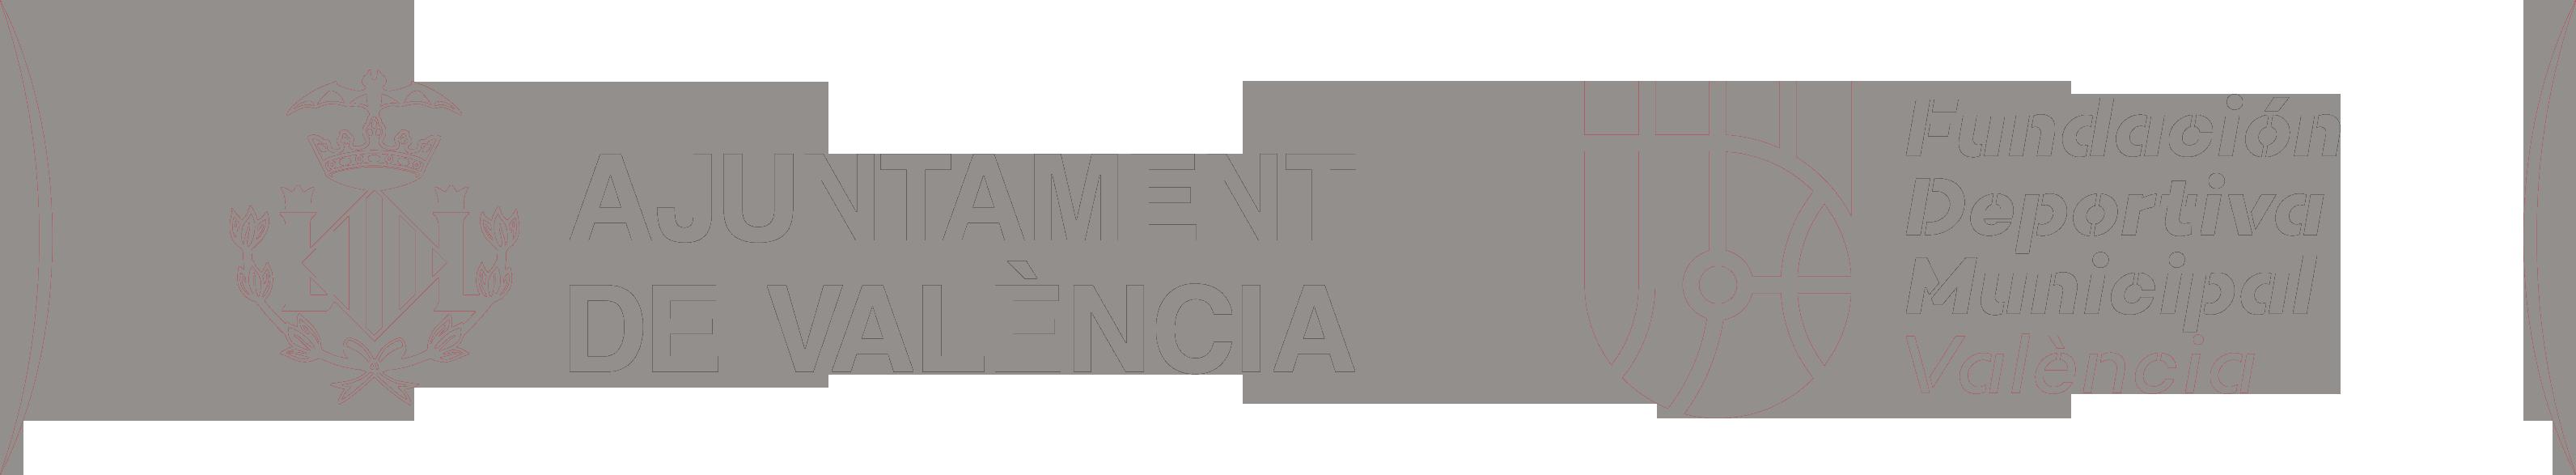 38 Juegos Deportivos Municipales Calendario.Fundacion Deportiva Municipal De Valencia Deporte En